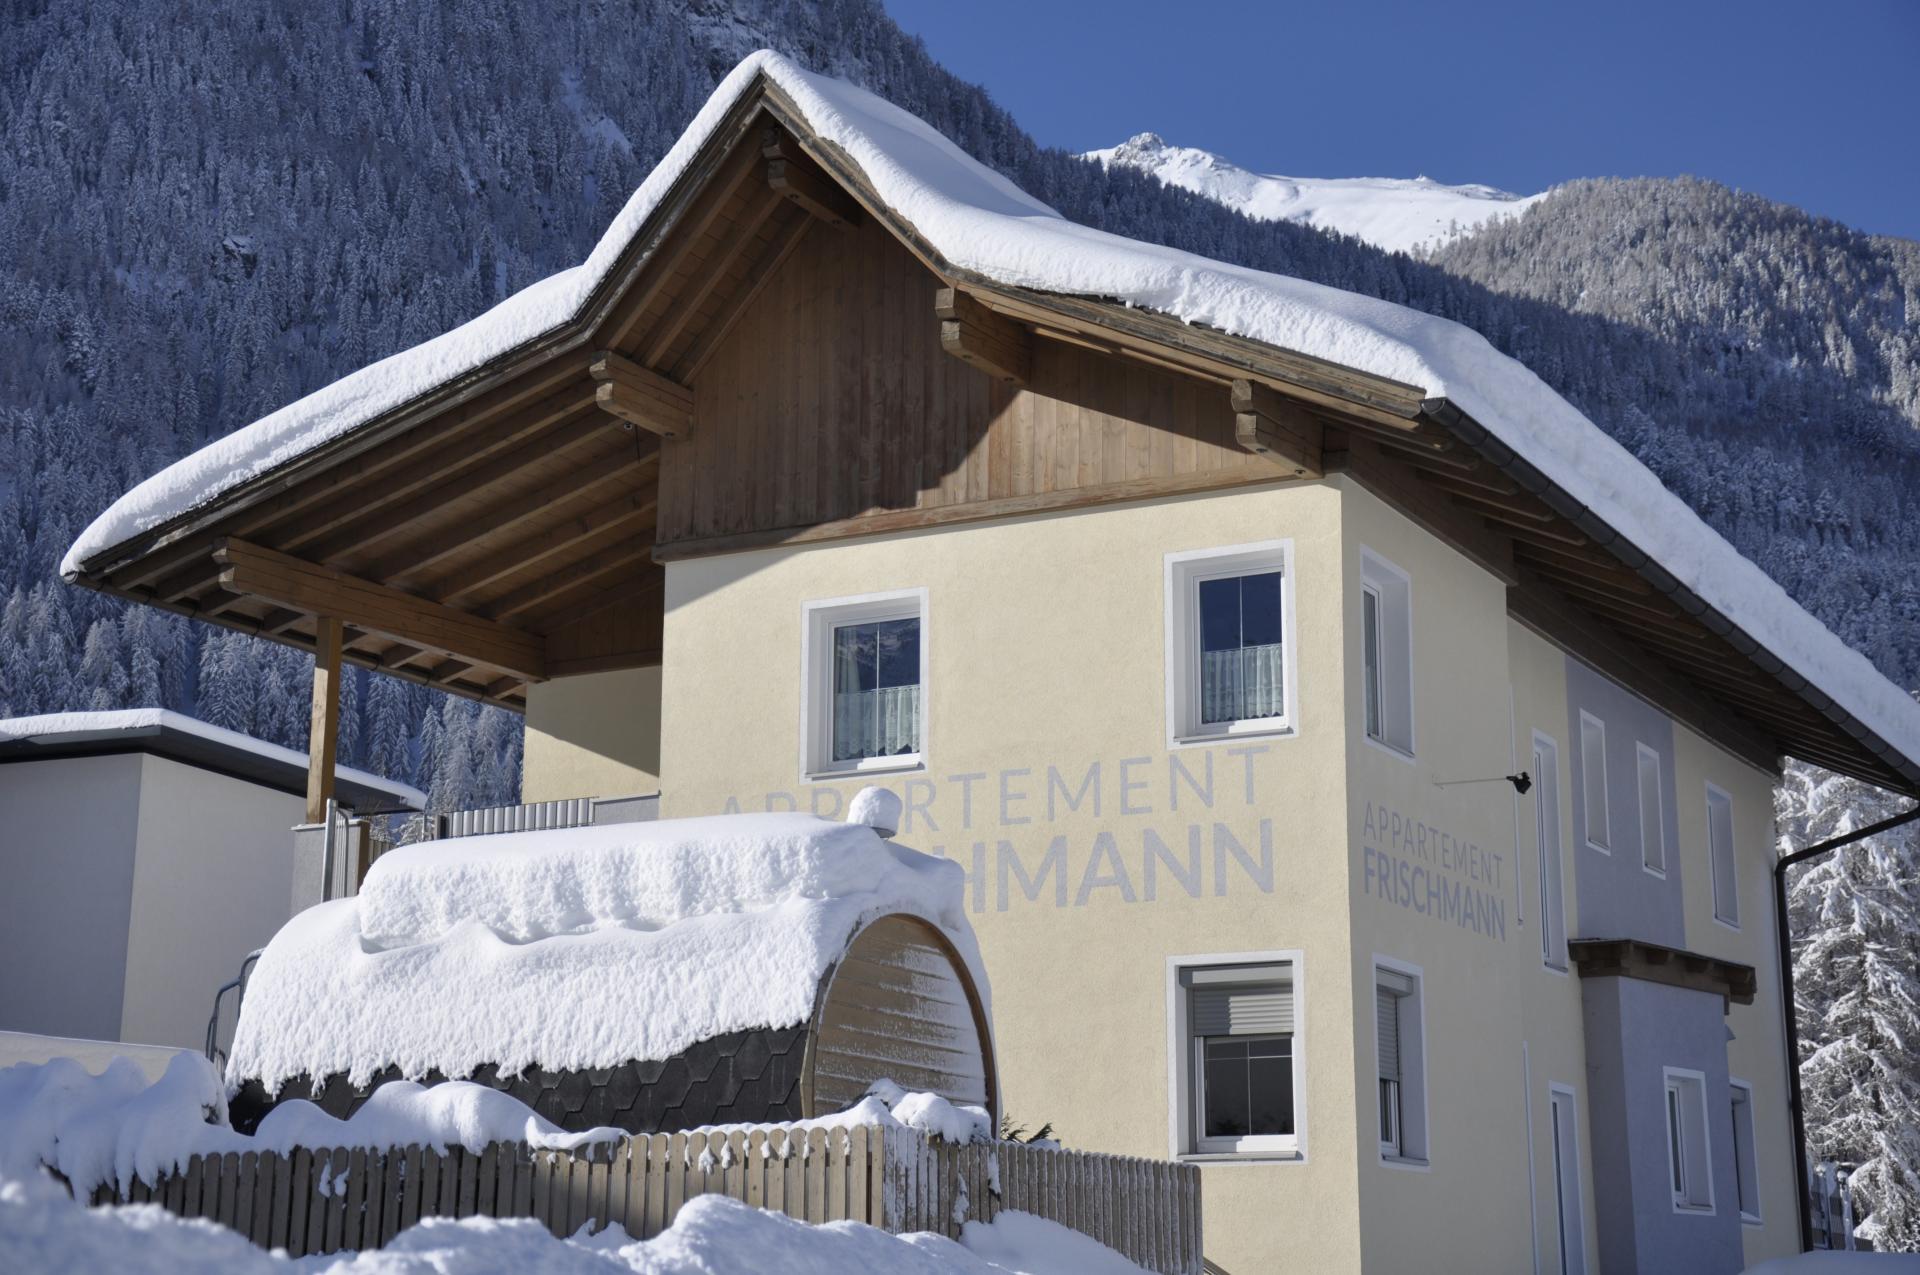 Appartement Frischmann #Willkommen#Bildergalerie#Winterurlaub#Skigebiet Niederthai#Skigebiet Ötz / Kühtai#Skigebiet Sölden / Hochsölden#Skigebiet Obergurgl / Hochgurgl#Langlaufen#Rodeln